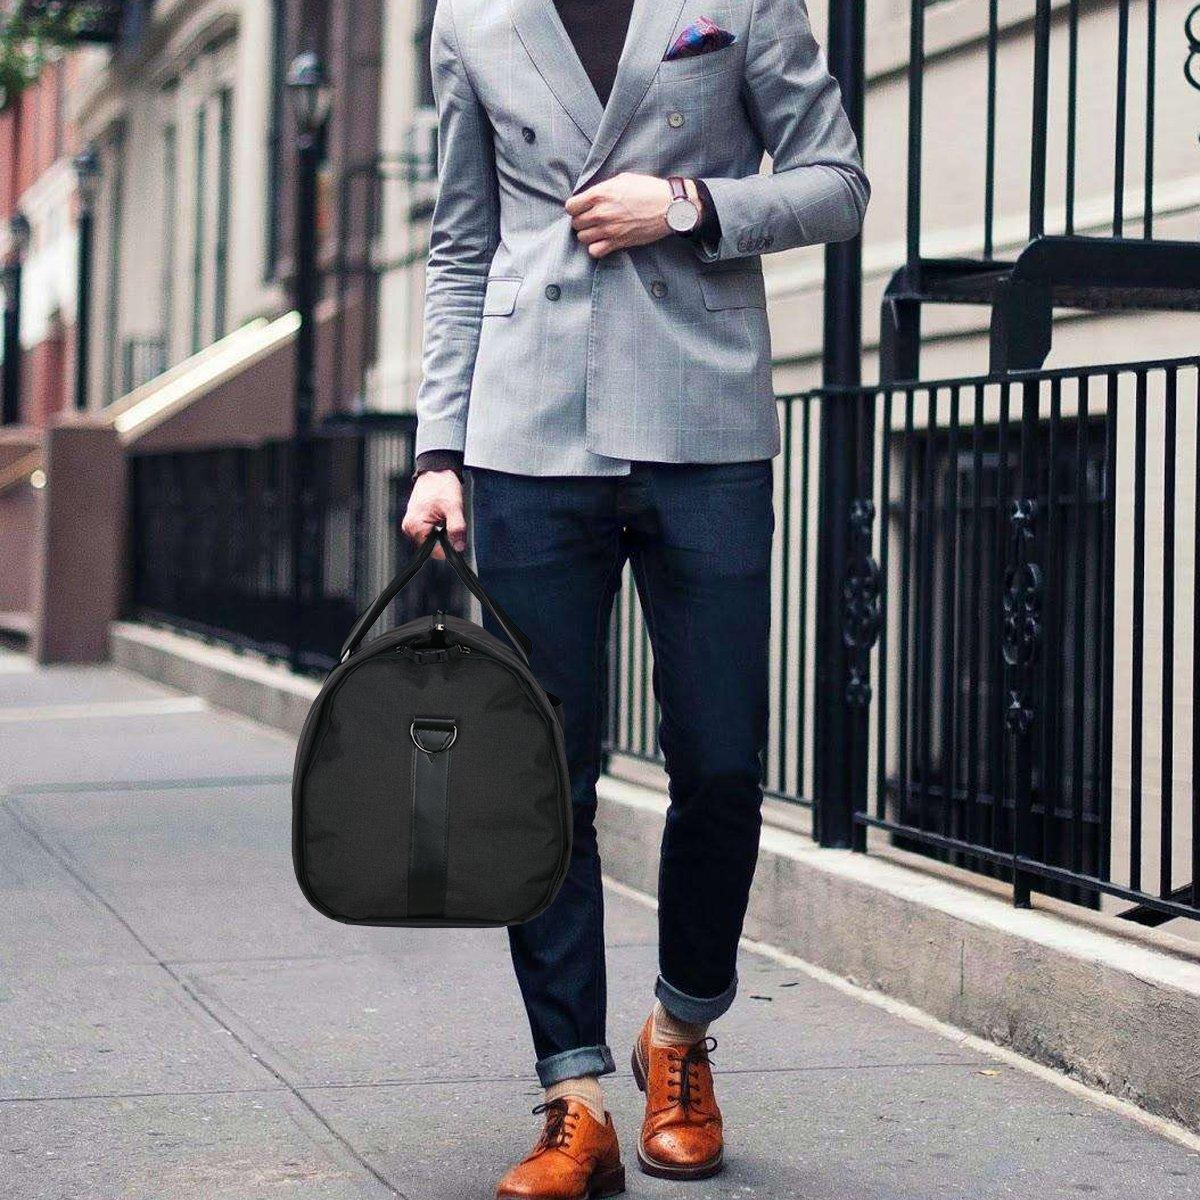 Carry-on Garment Bag Suit Travel Bag Duffel Bag Weekend Bag Flight Bag Gym Bag - Black by UNIQUEBELLA (Image #10)